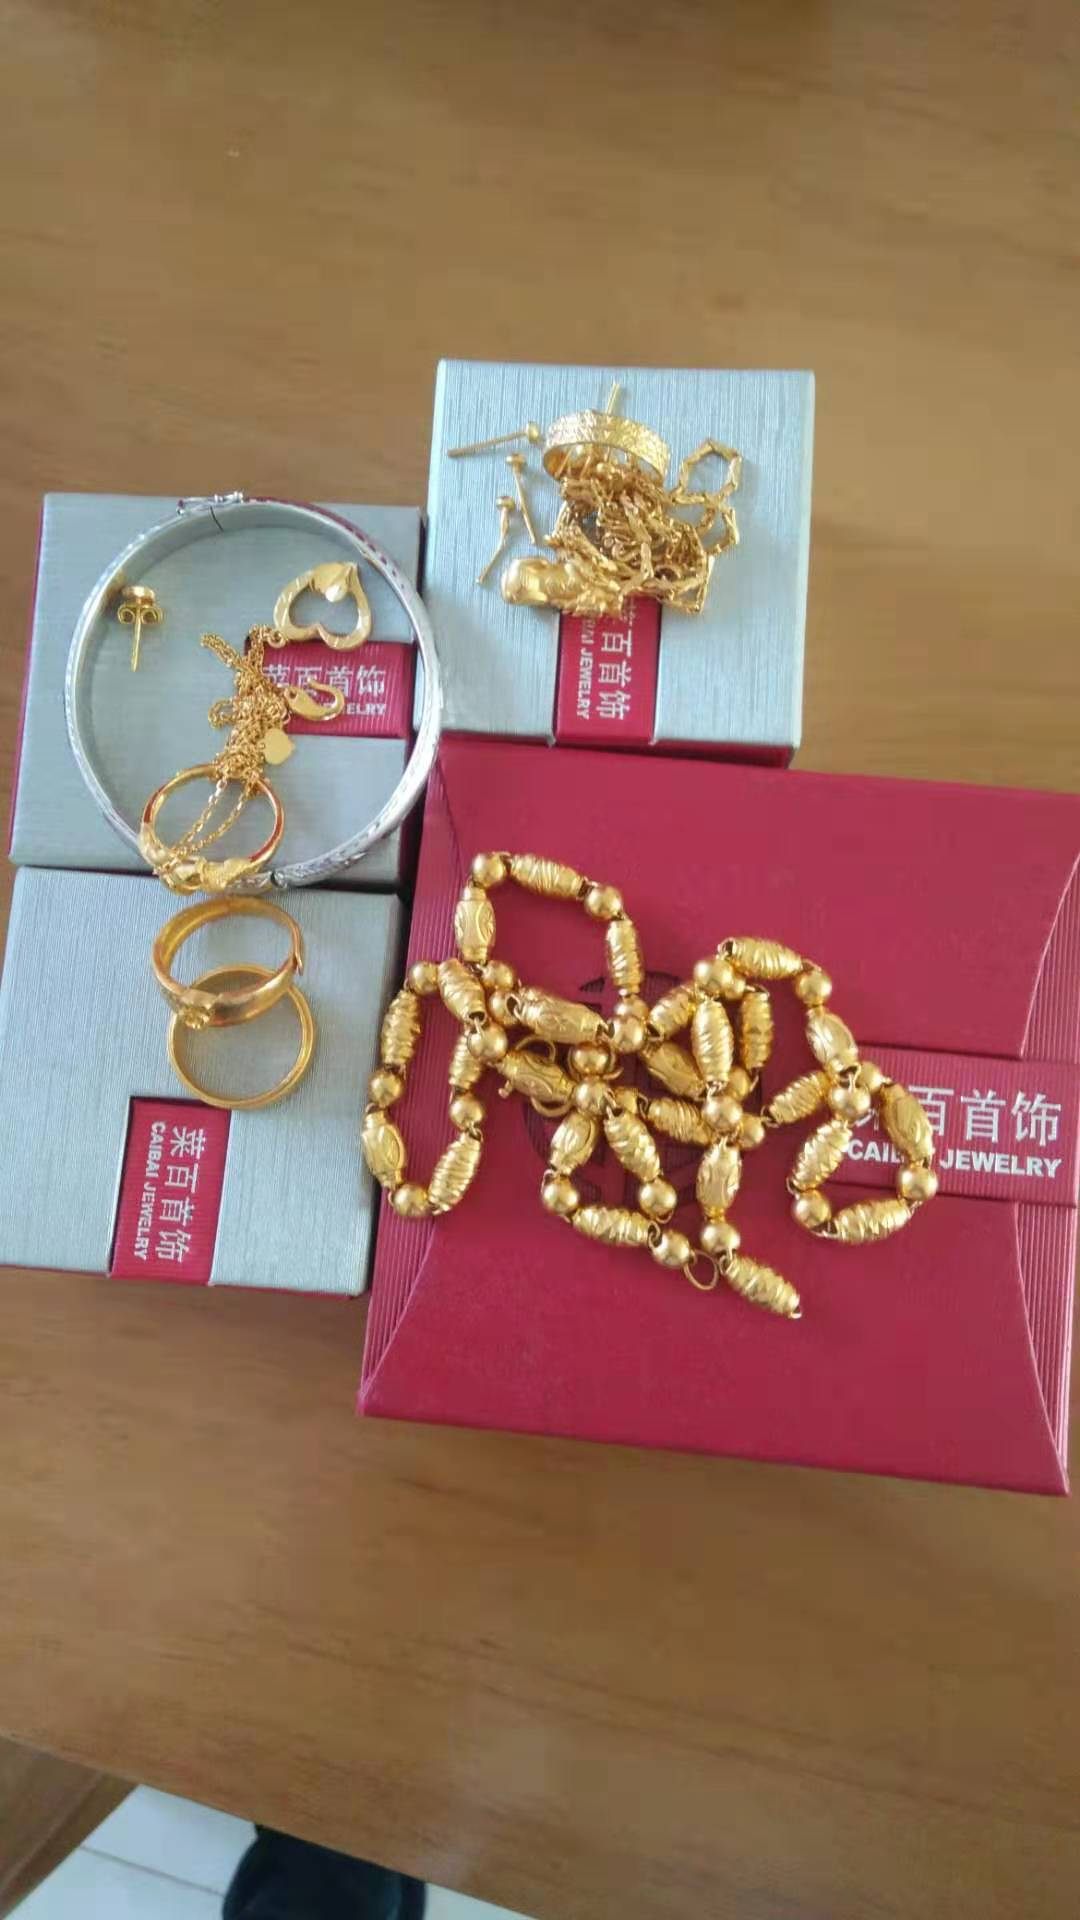 宁河区黄金回收,高价上门回收黄金铂金钯金首饰